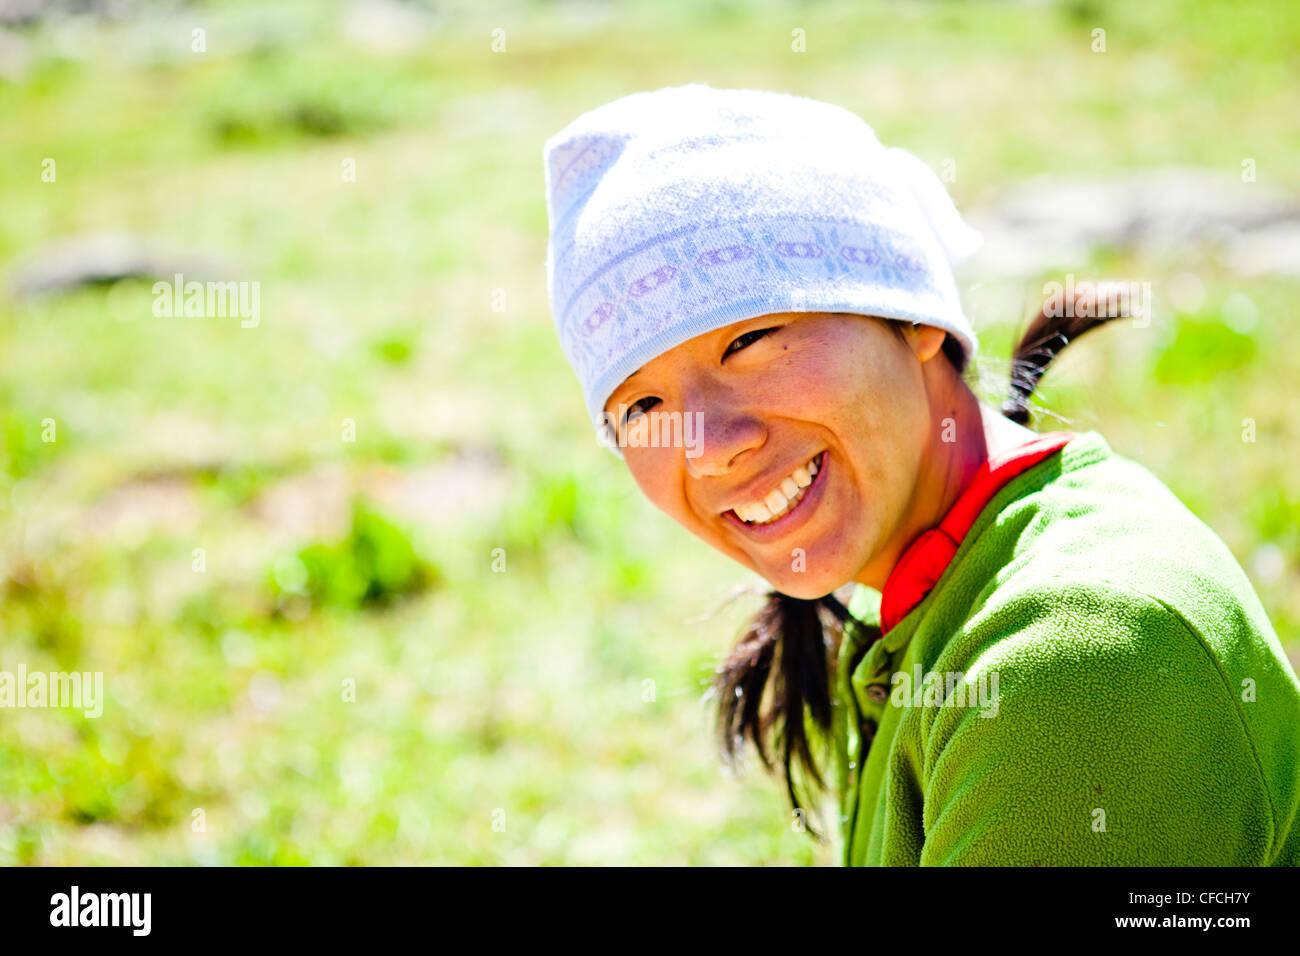 Una mujer sonríe mientras se sienta en una pradera alpina. Ella está justo al lado de la Continental Divide Imagen De Stock